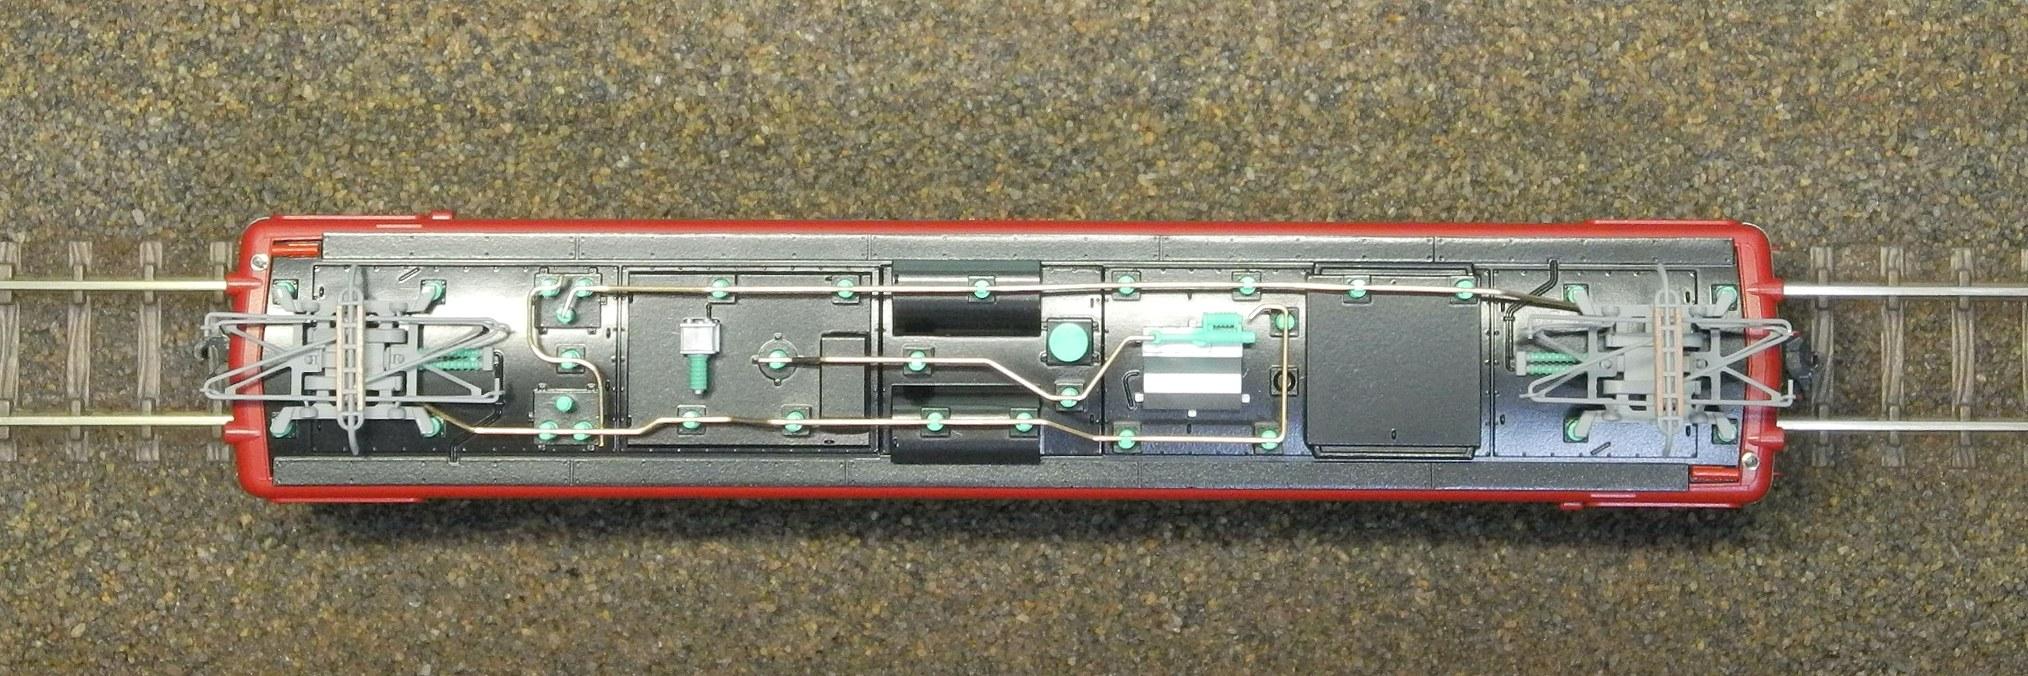 DSCN8023-1.jpg